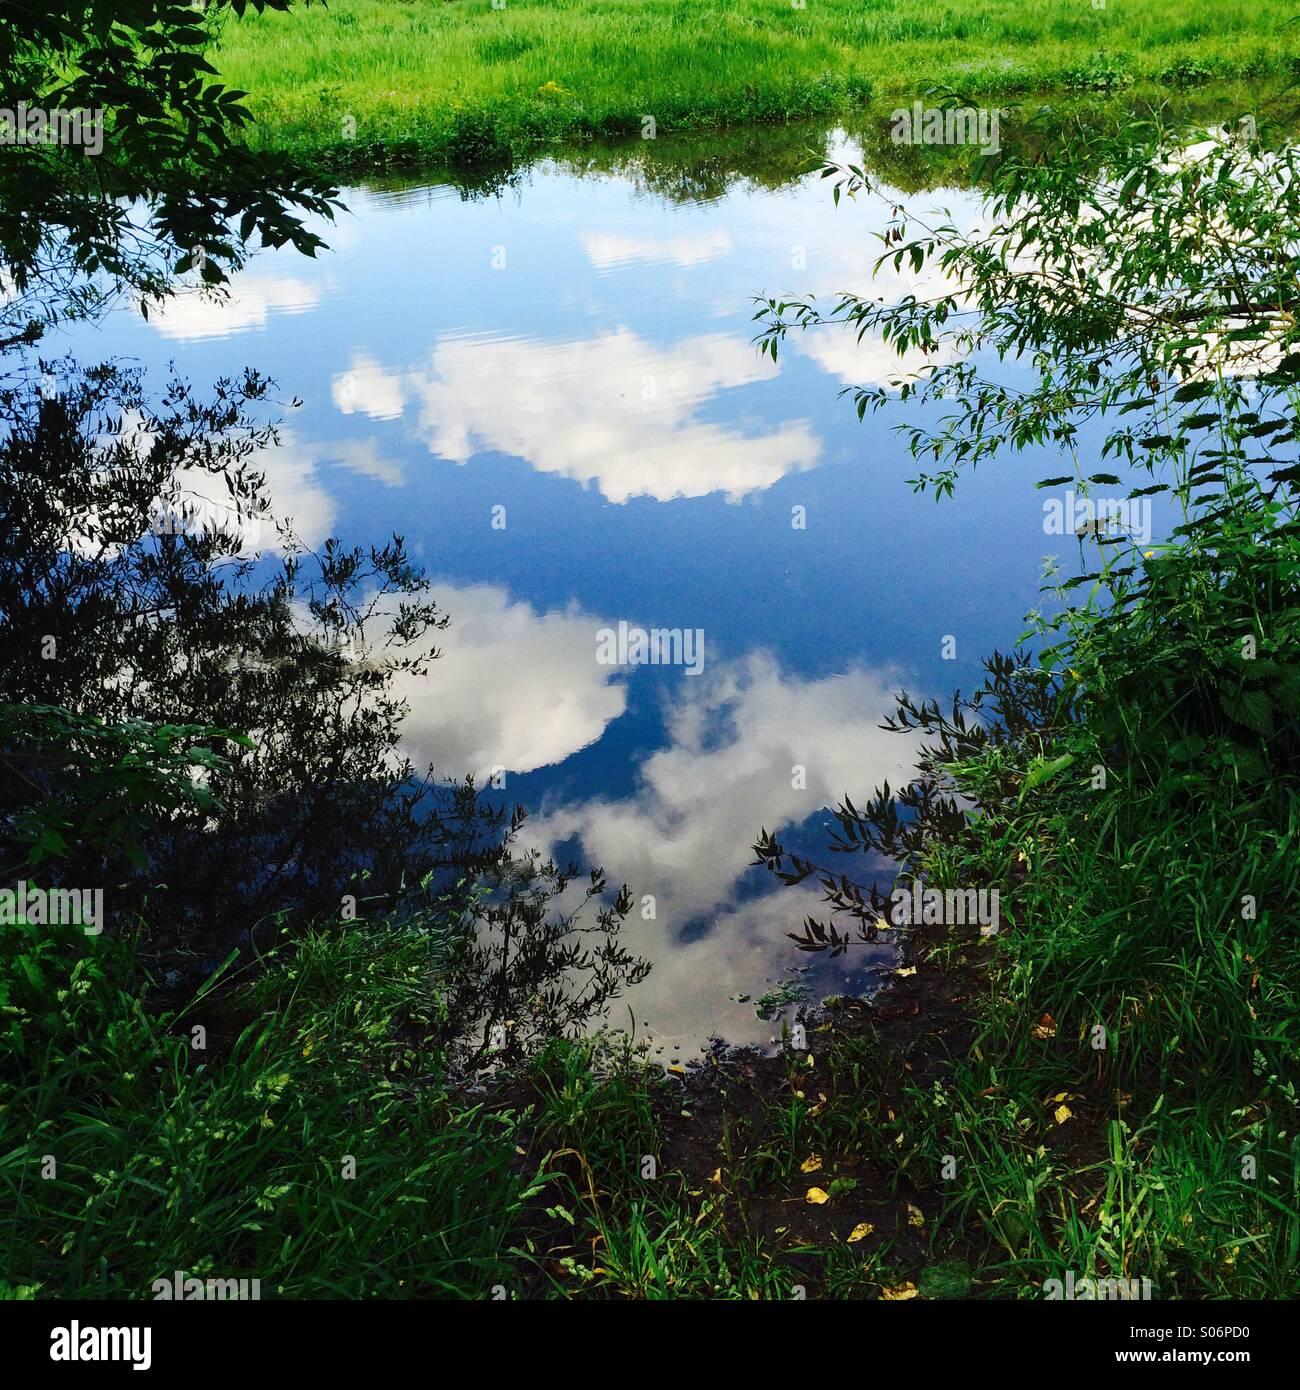 Estate idilliaca scena con nuvole bianche si riflette nel fiume. Immagini Stock